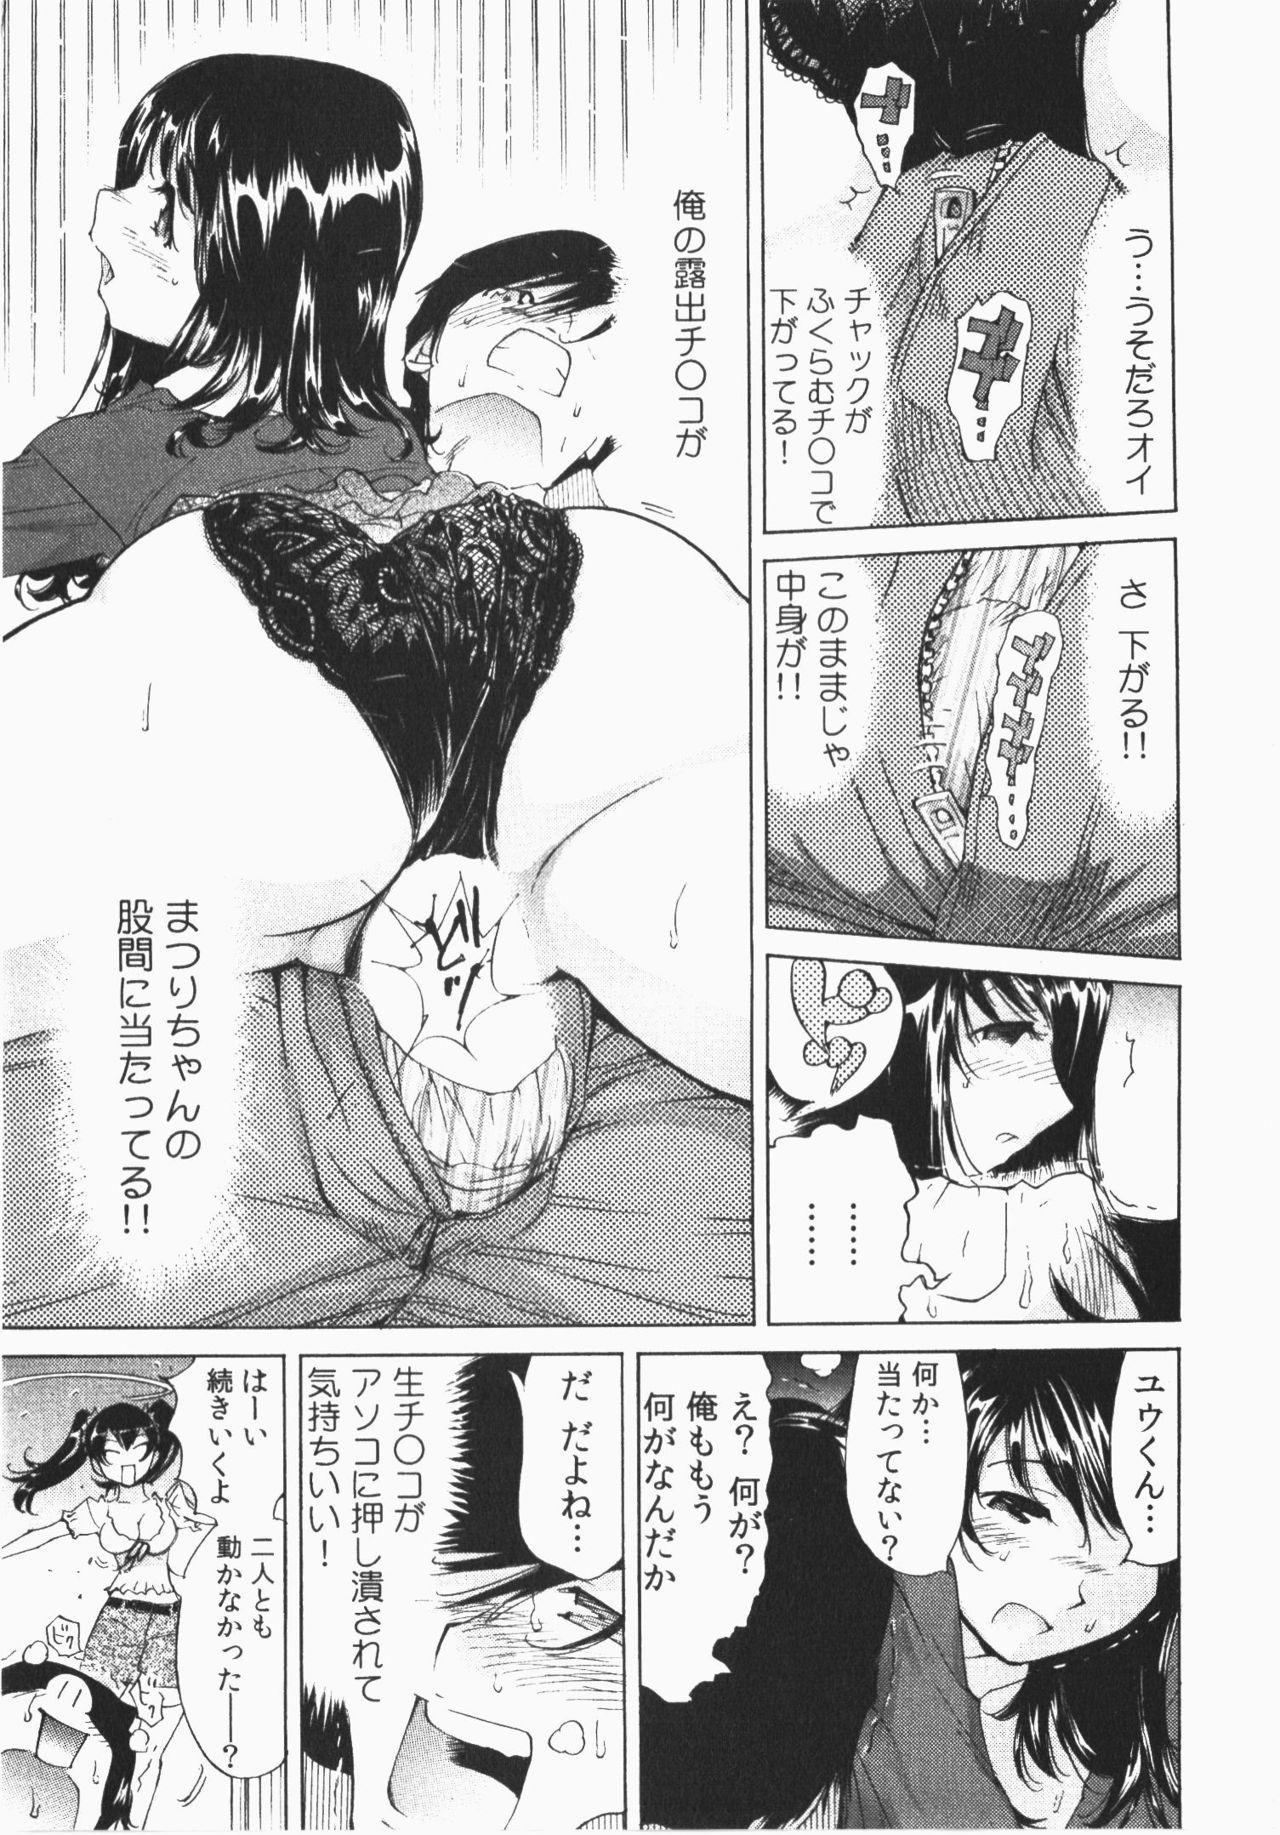 Ukkari Haicchatta! Itoko to Micchaku Game Chuu 20